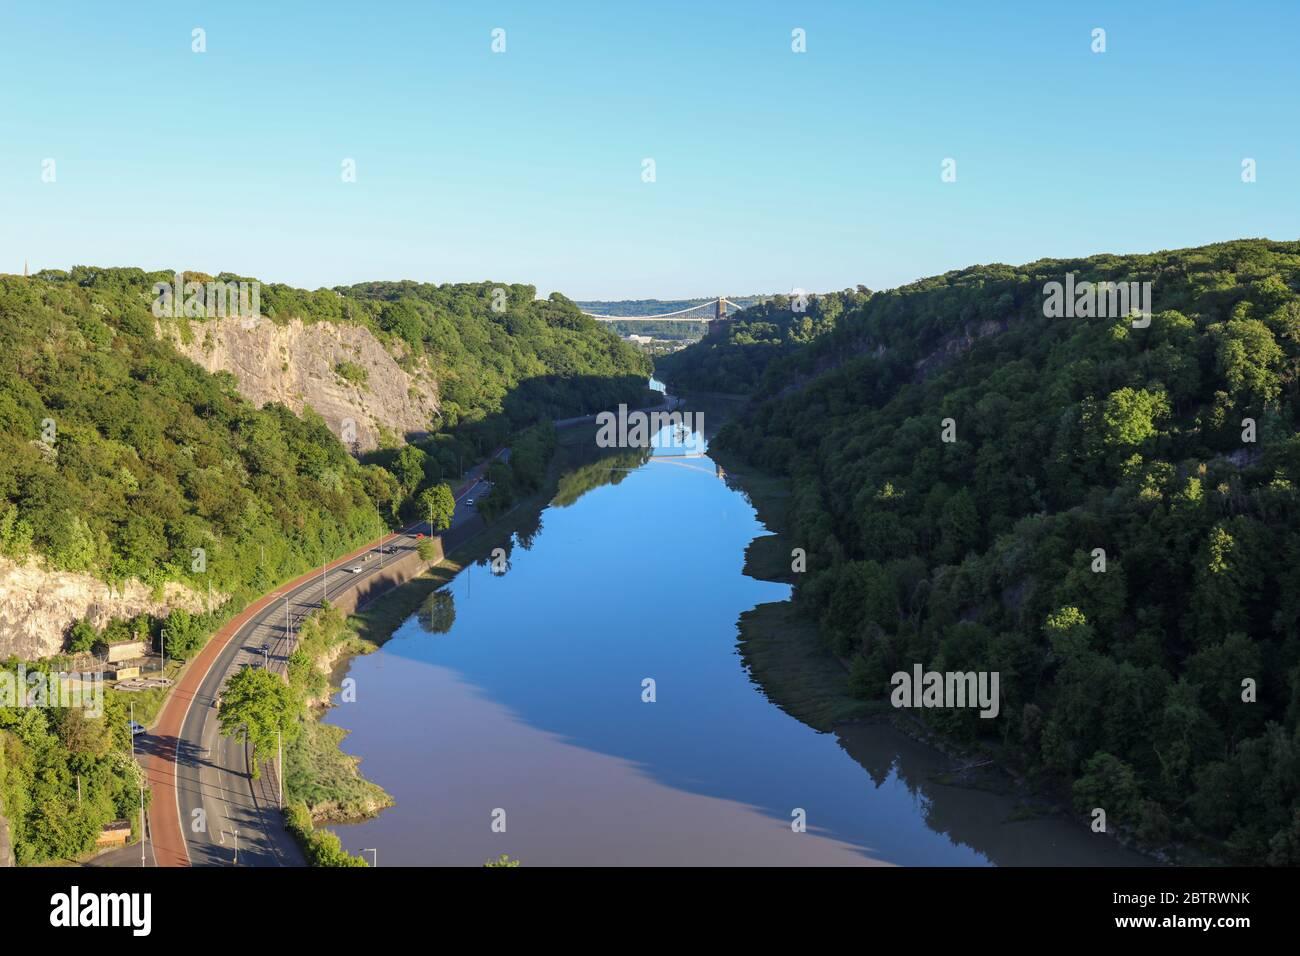 Avon dans la gorge de Bristol avec le reflet du pont suspendu de Brunel. ROYAUME-UNI Banque D'Images